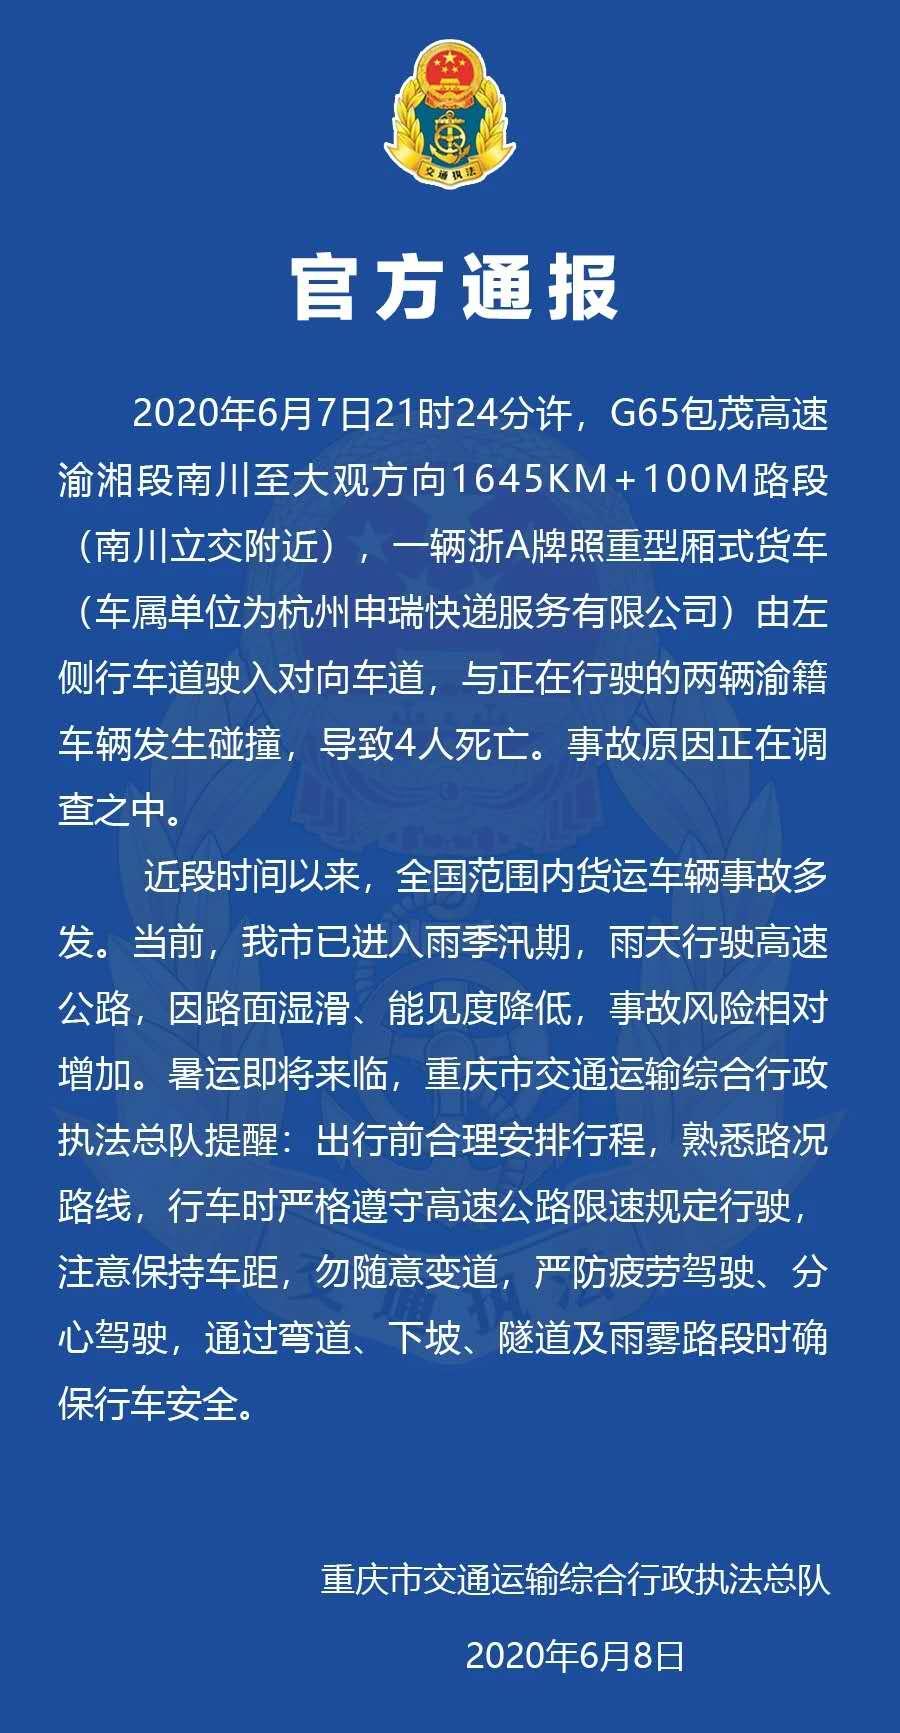 《【超越在线娱乐】重庆包茂高速南川立交附近发生一起交通事故,致4人死亡》